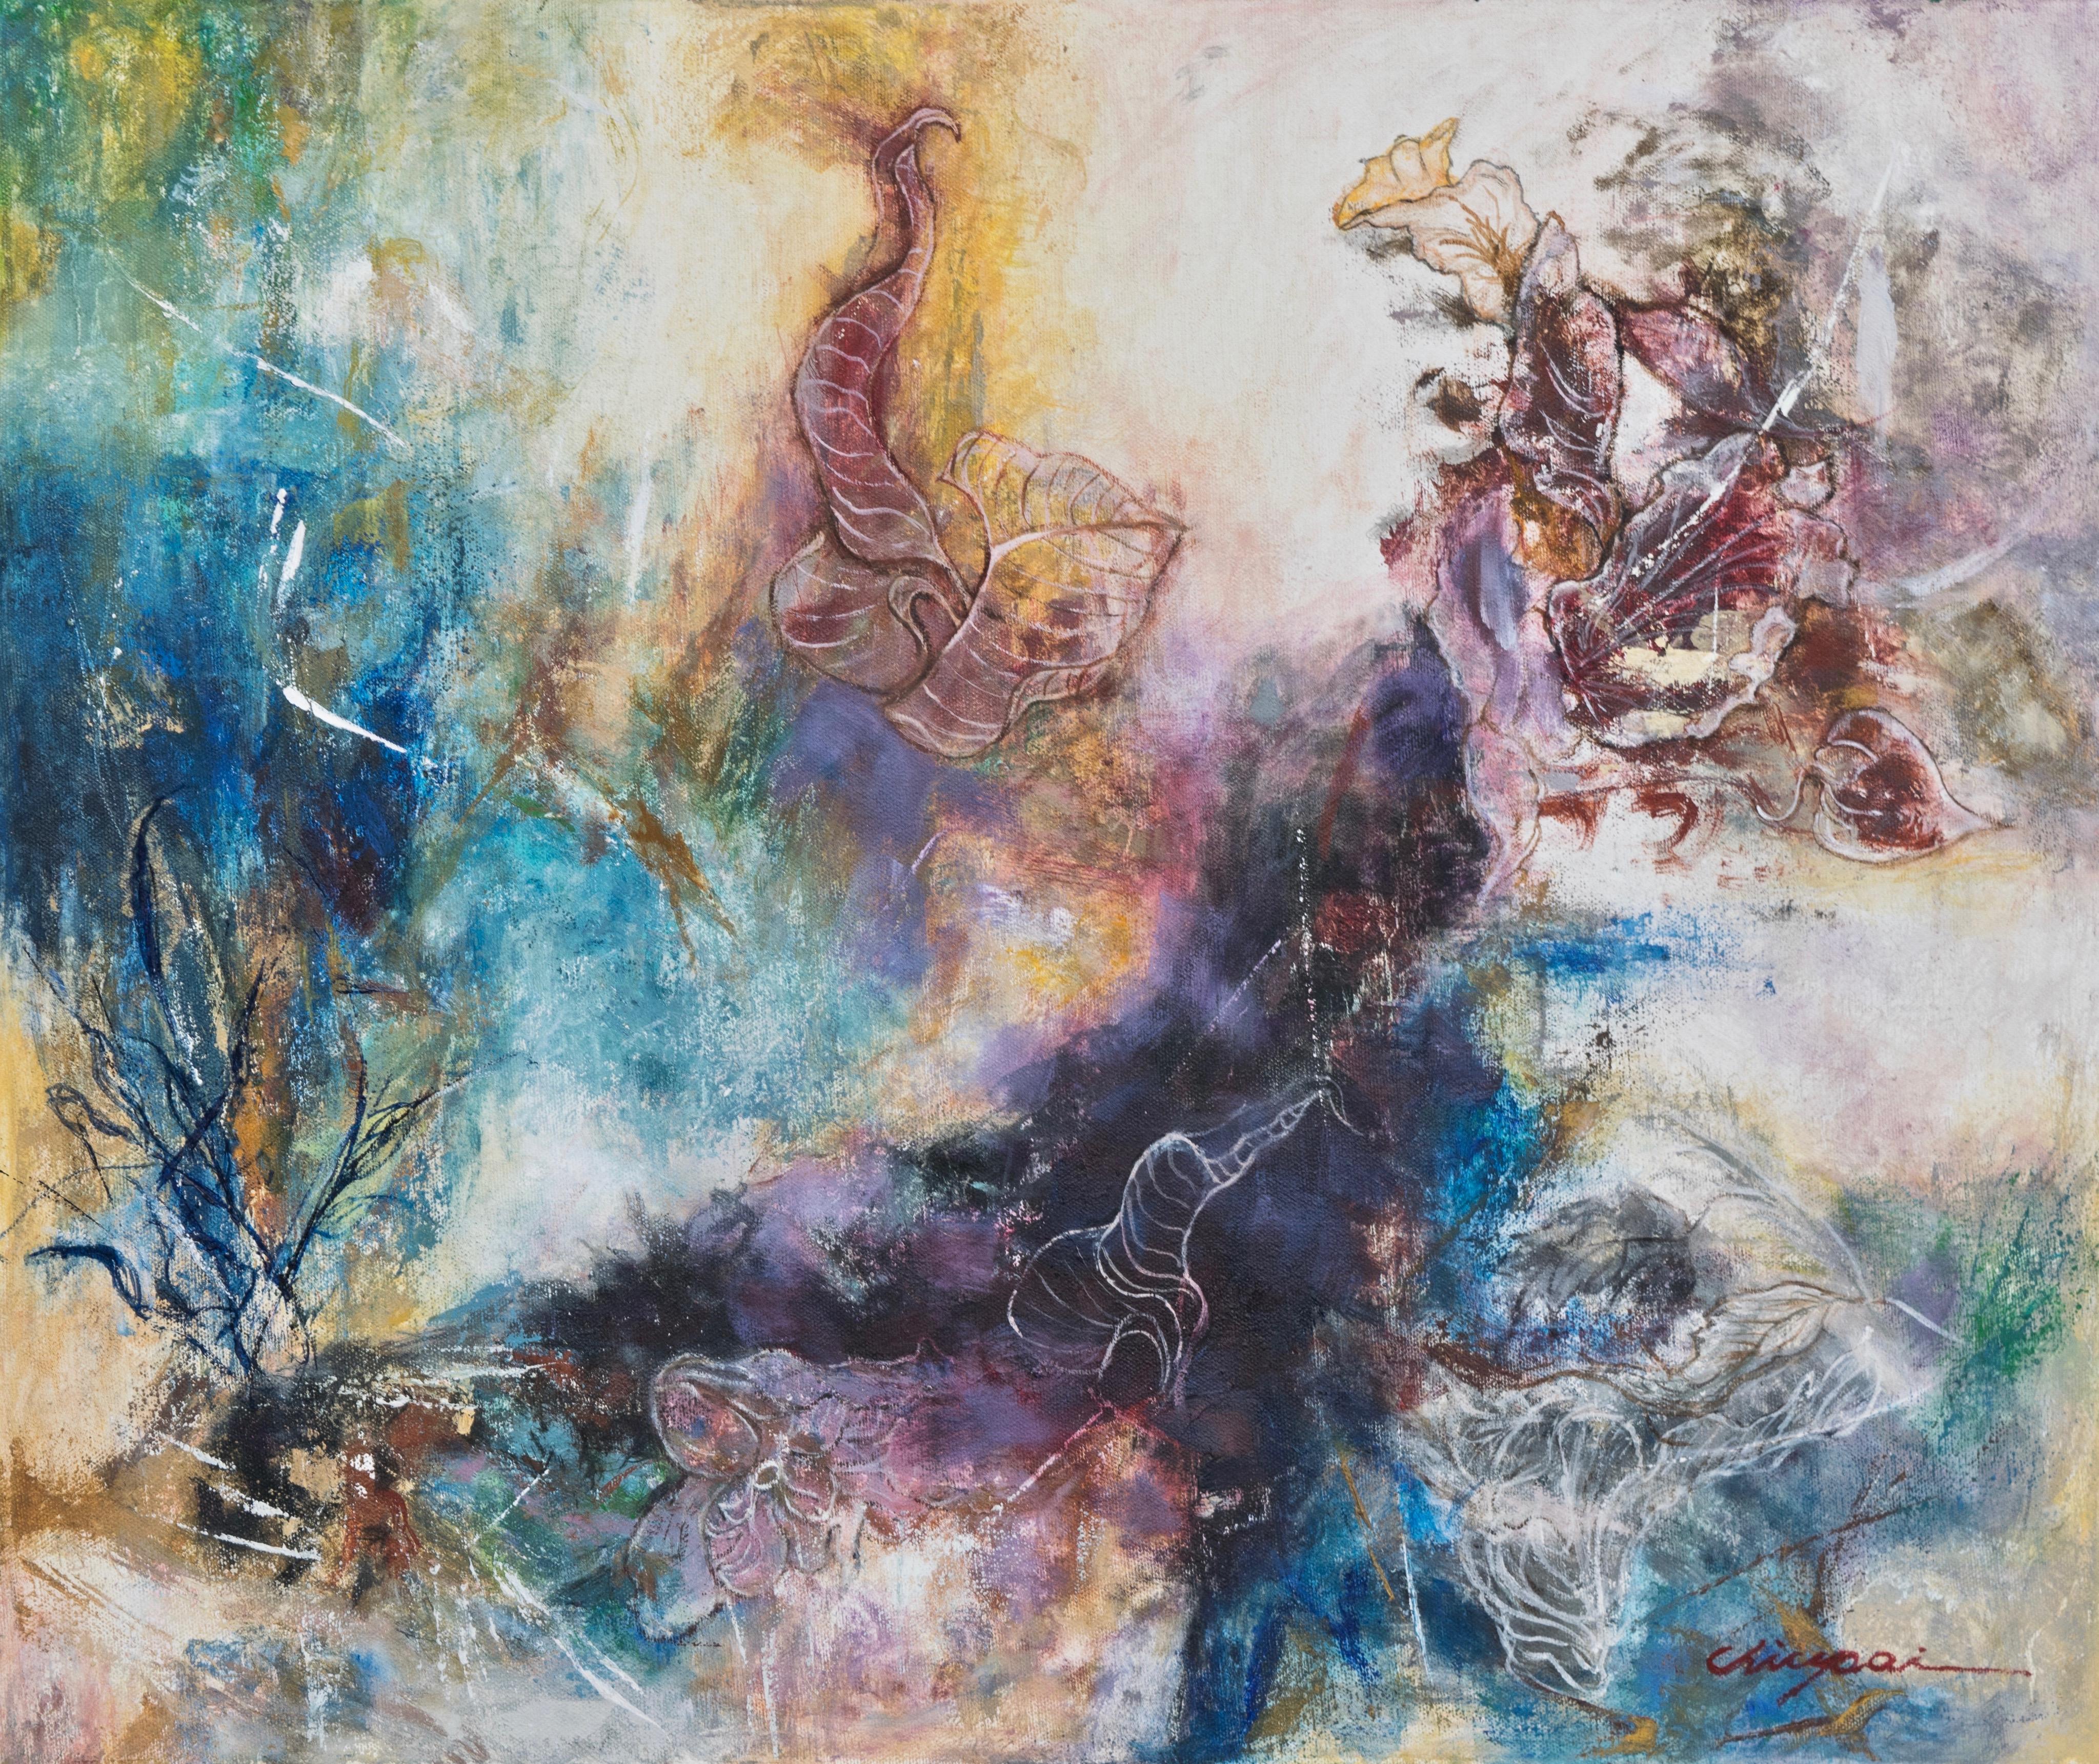 """Lot 01: Chiu Pai, AFTER RAINS (2017), Oil on canvas, 20 x 24"""" Estimate: $1000-1500"""